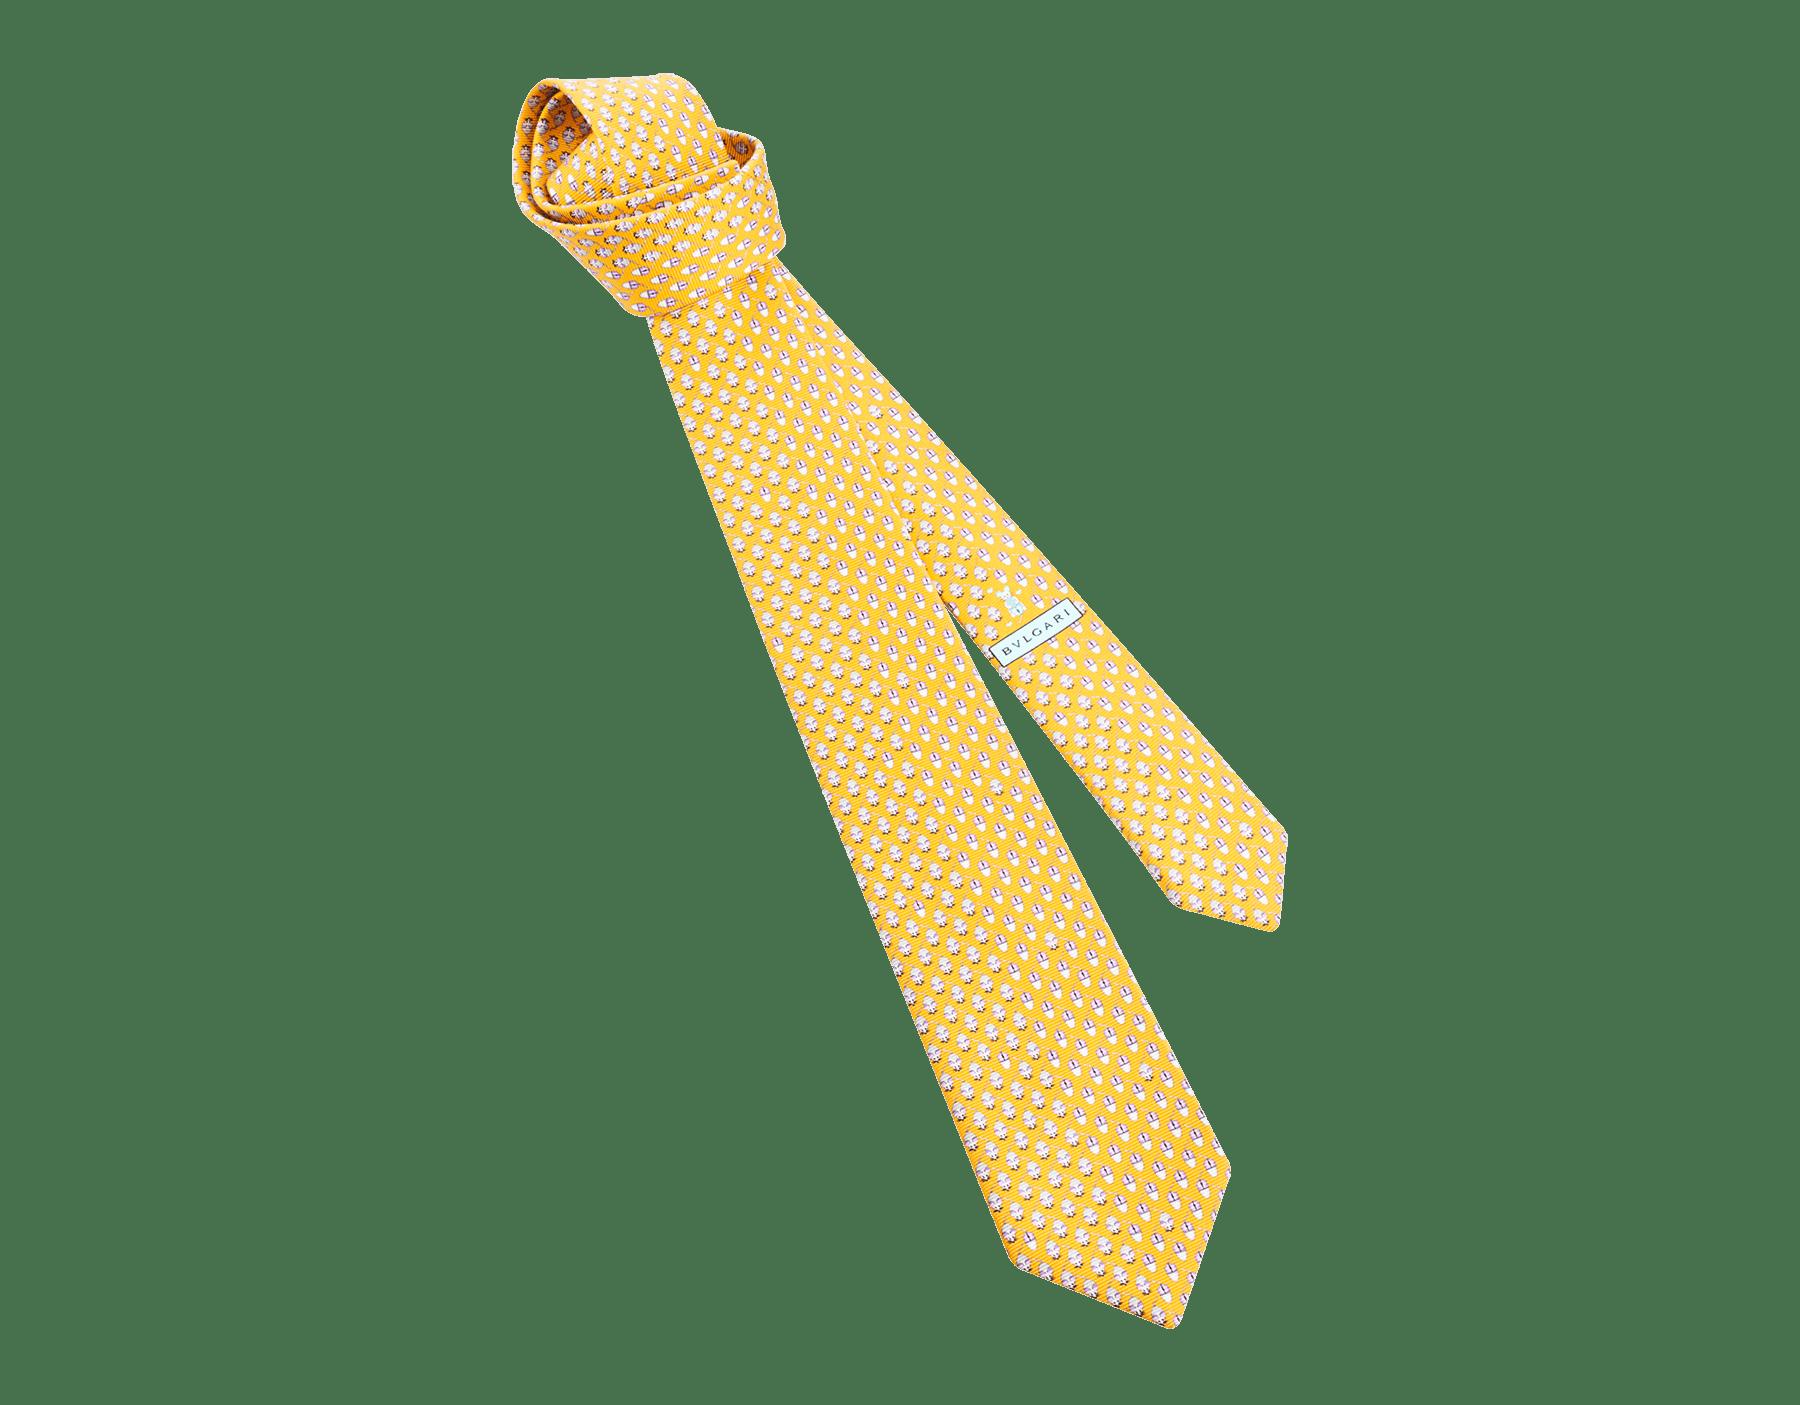 Mandarin Mouse Click pattern seven-fold tie in fine saglione printed silk. 244205 image 1